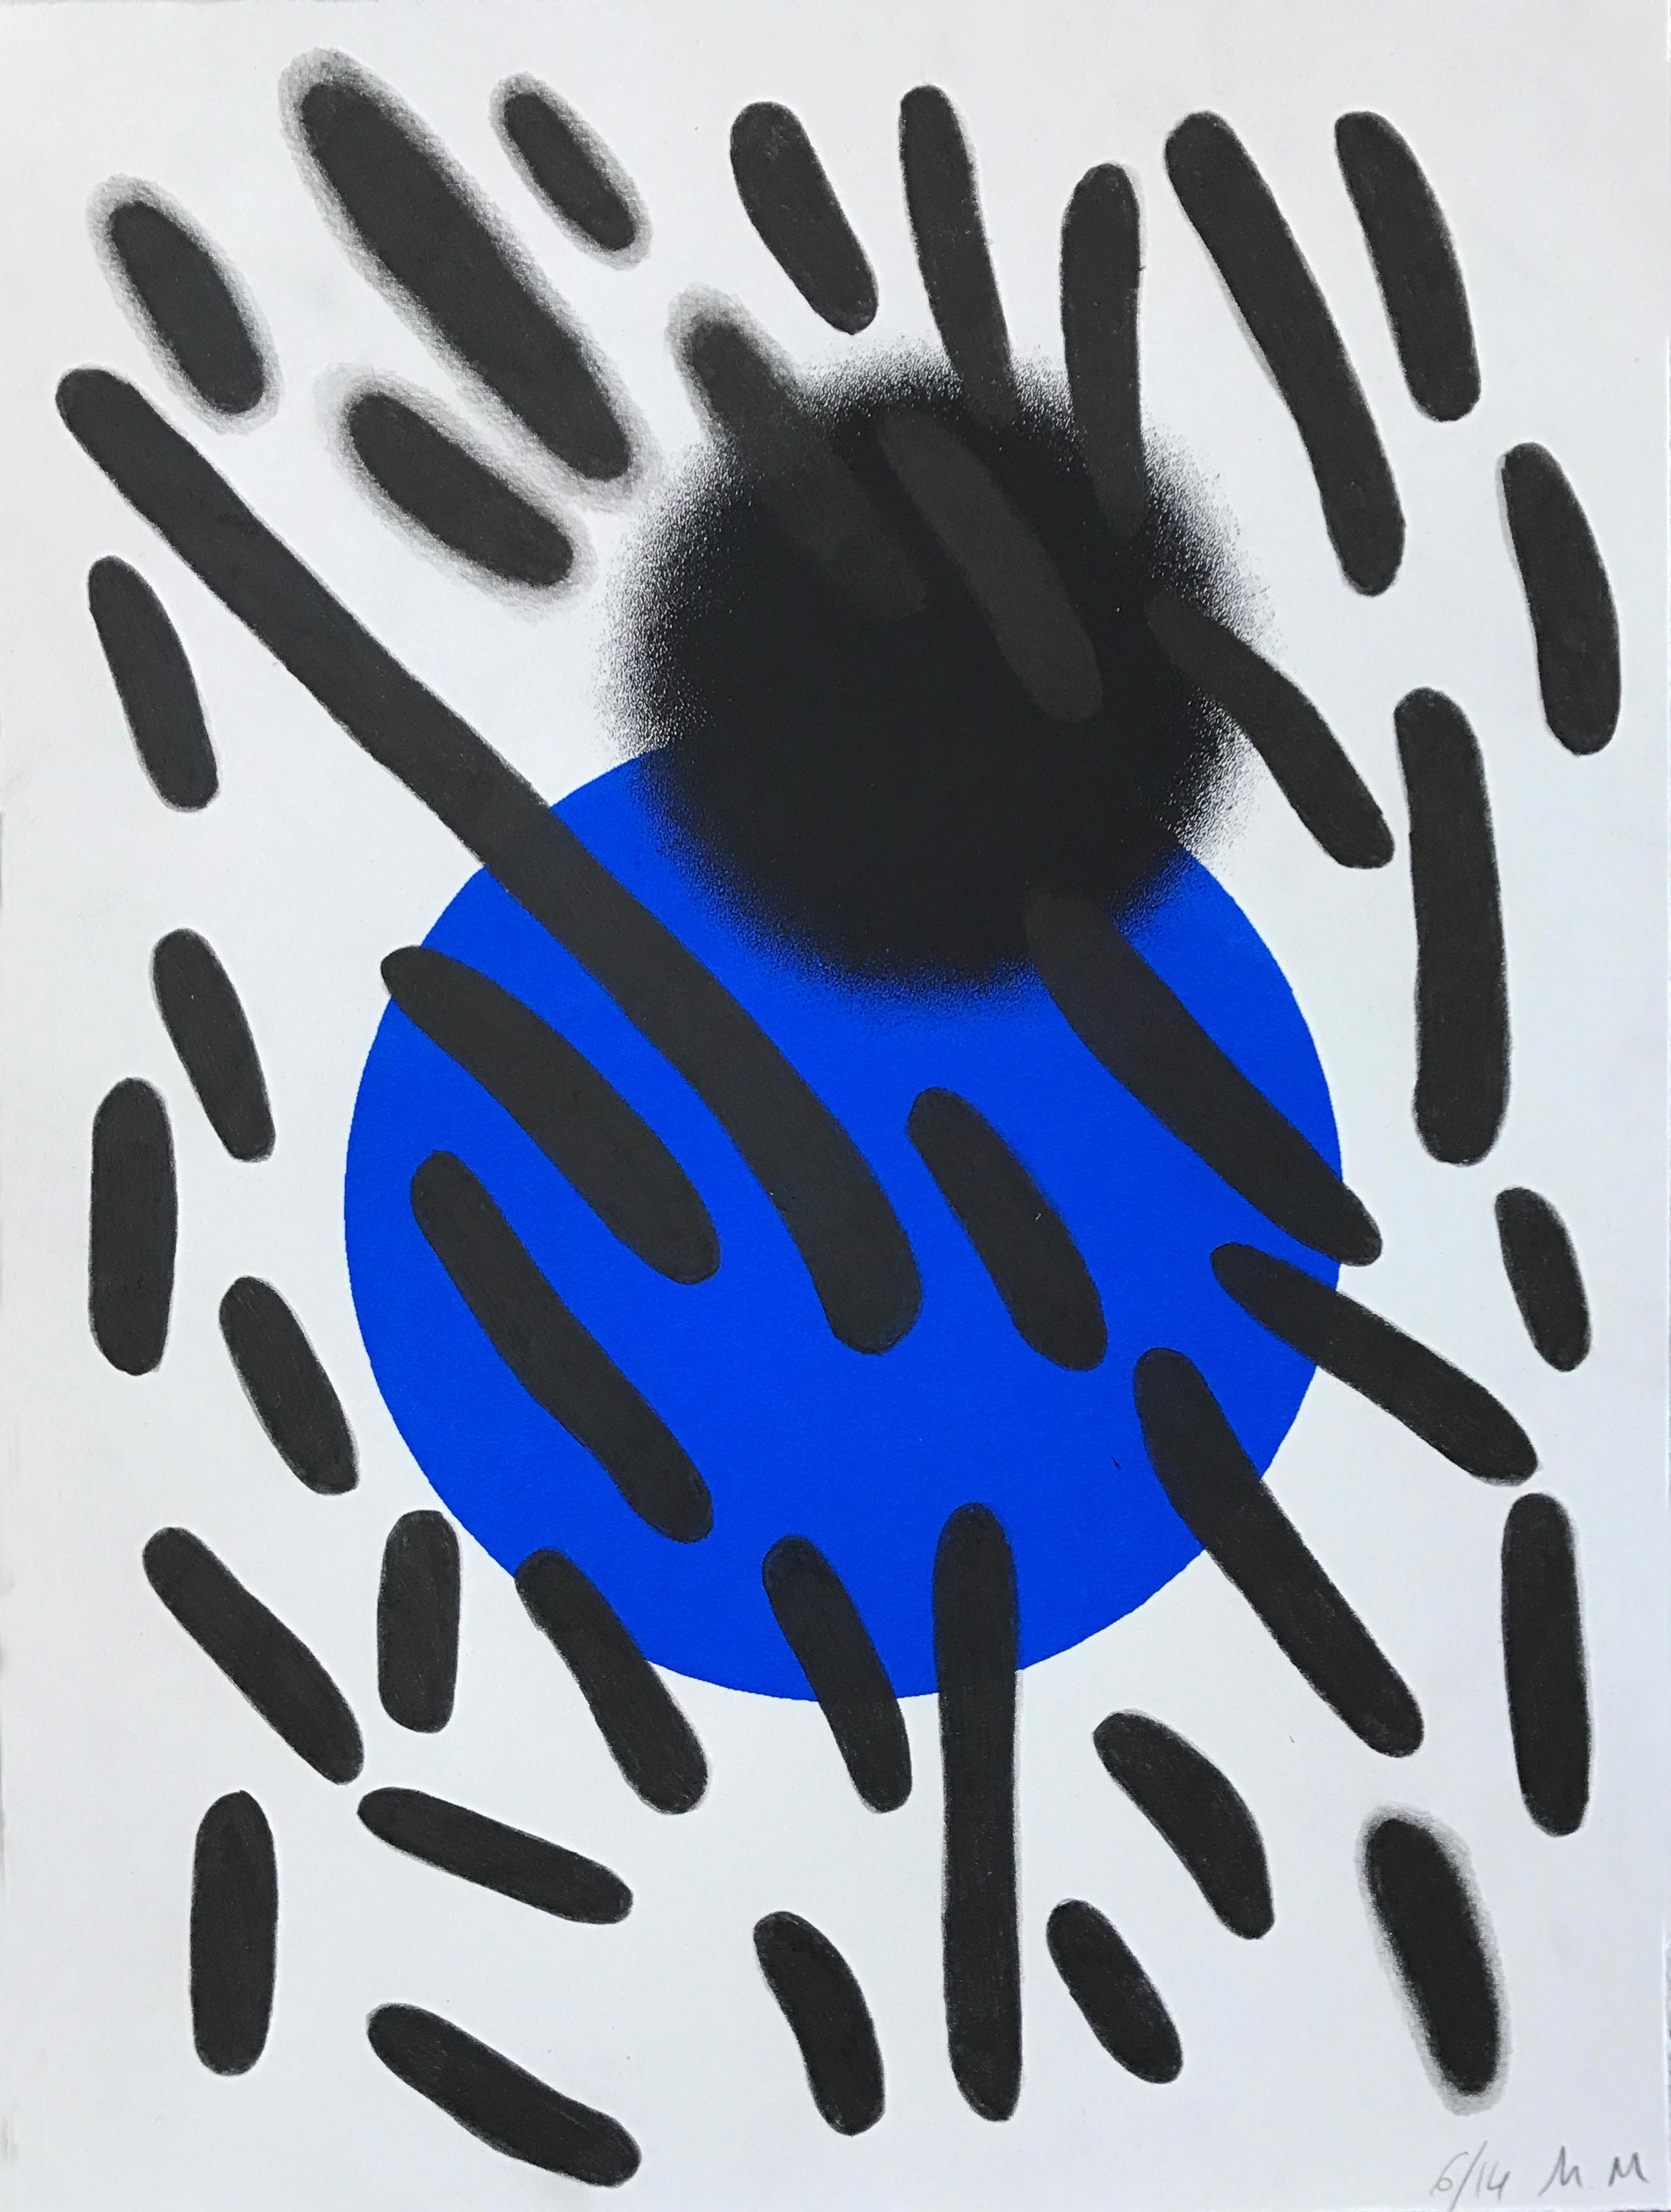 le sourire de Malevich 6/14